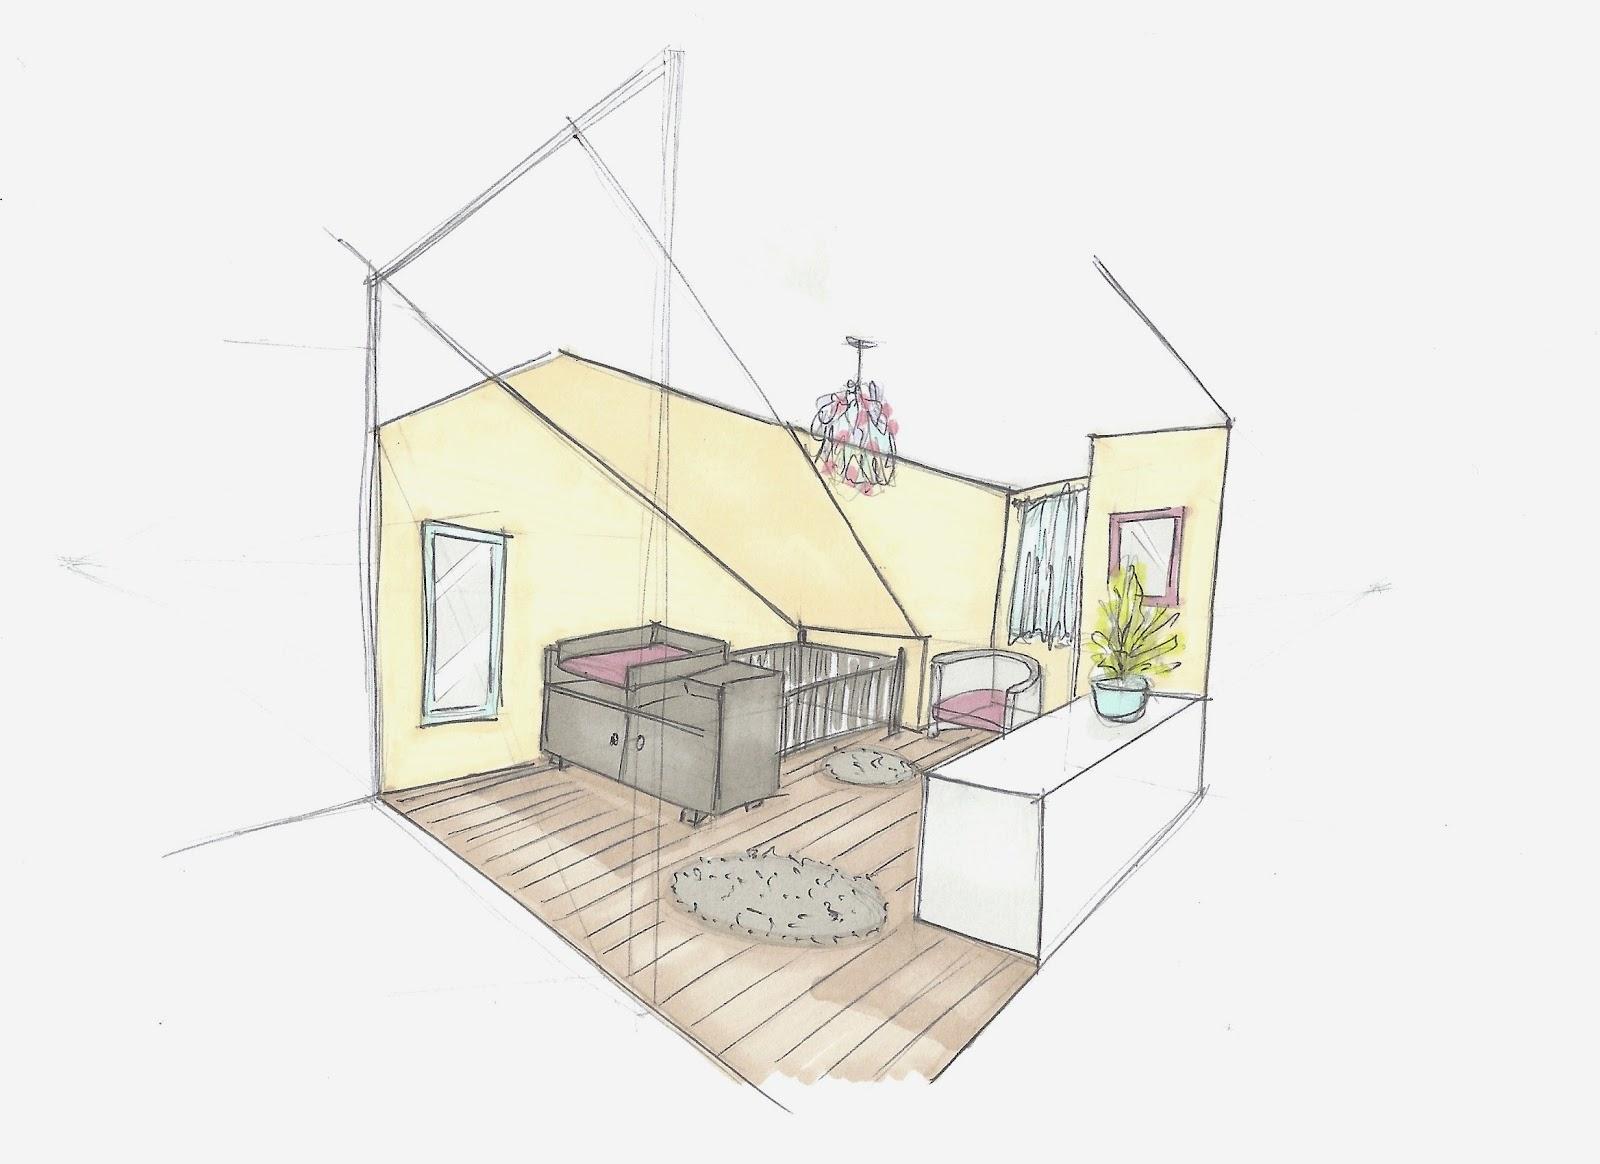 Adc l 39 atelier d 39 c t am nagement int rieur design d 39 espace et d coration d coration d 39 une - Dessin chambre bebe ...